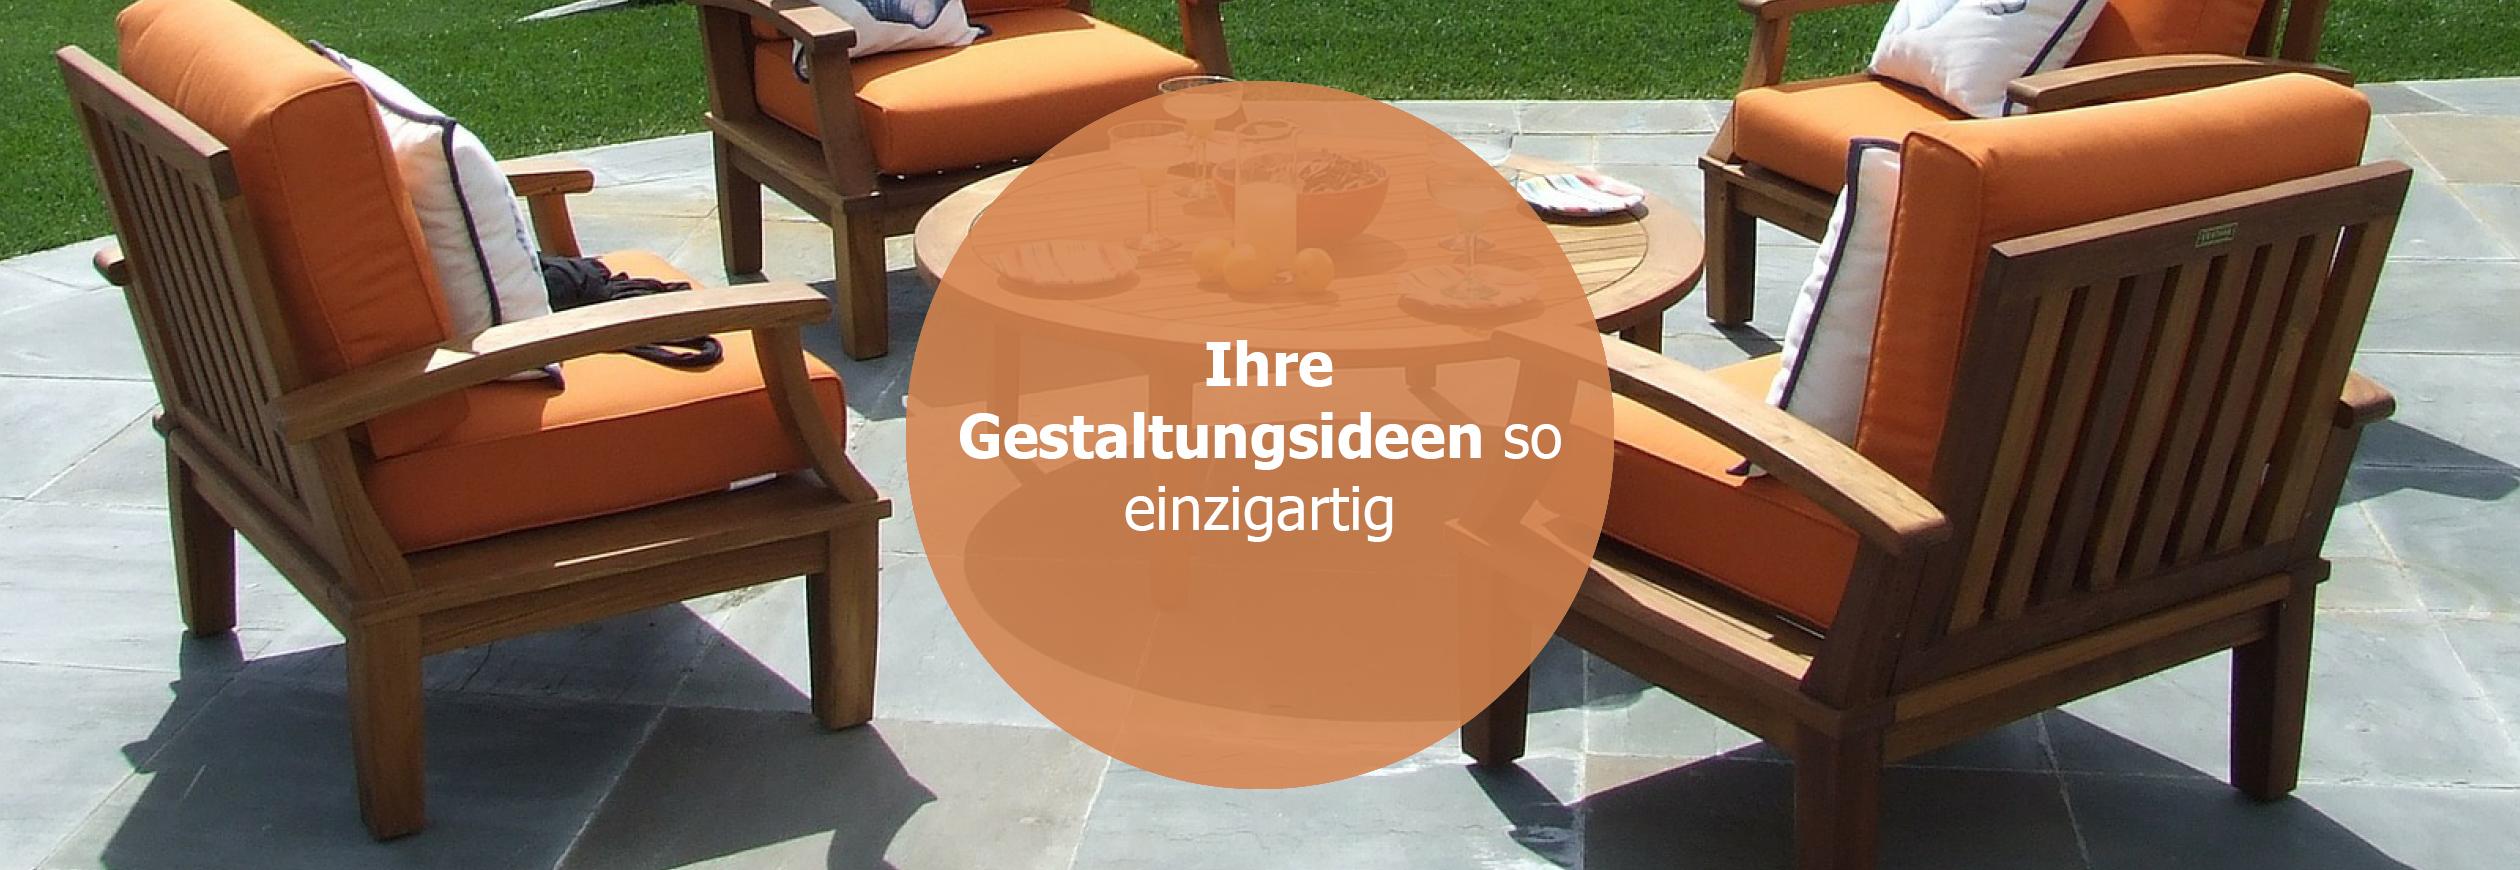 bodenplatten-naturstein-Steinzeit-header